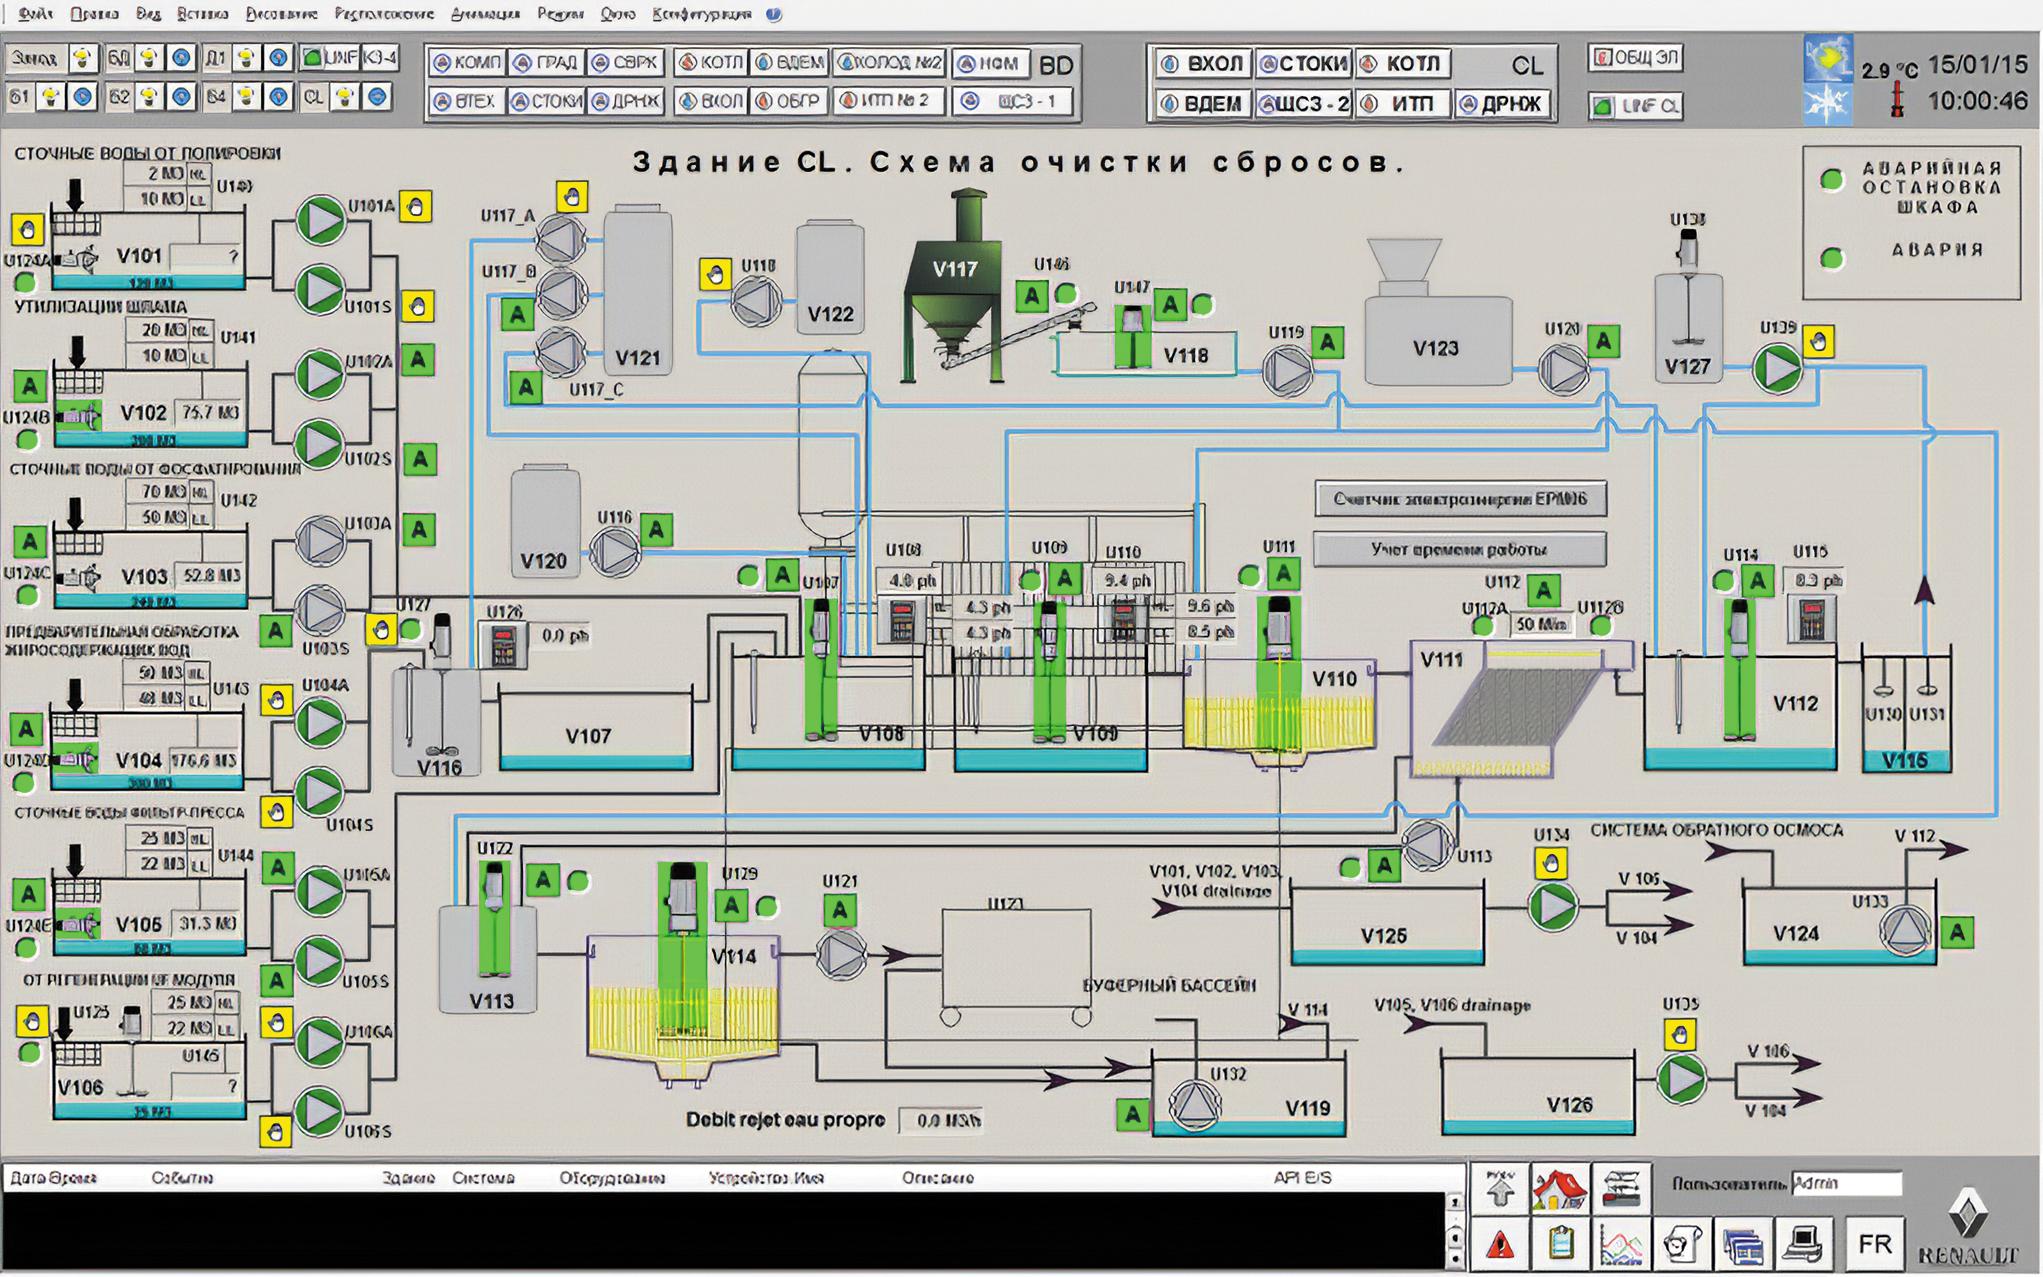 Пример мнемосхемы PcVue в системе диспетчеризации завода «РЕНО Россия»